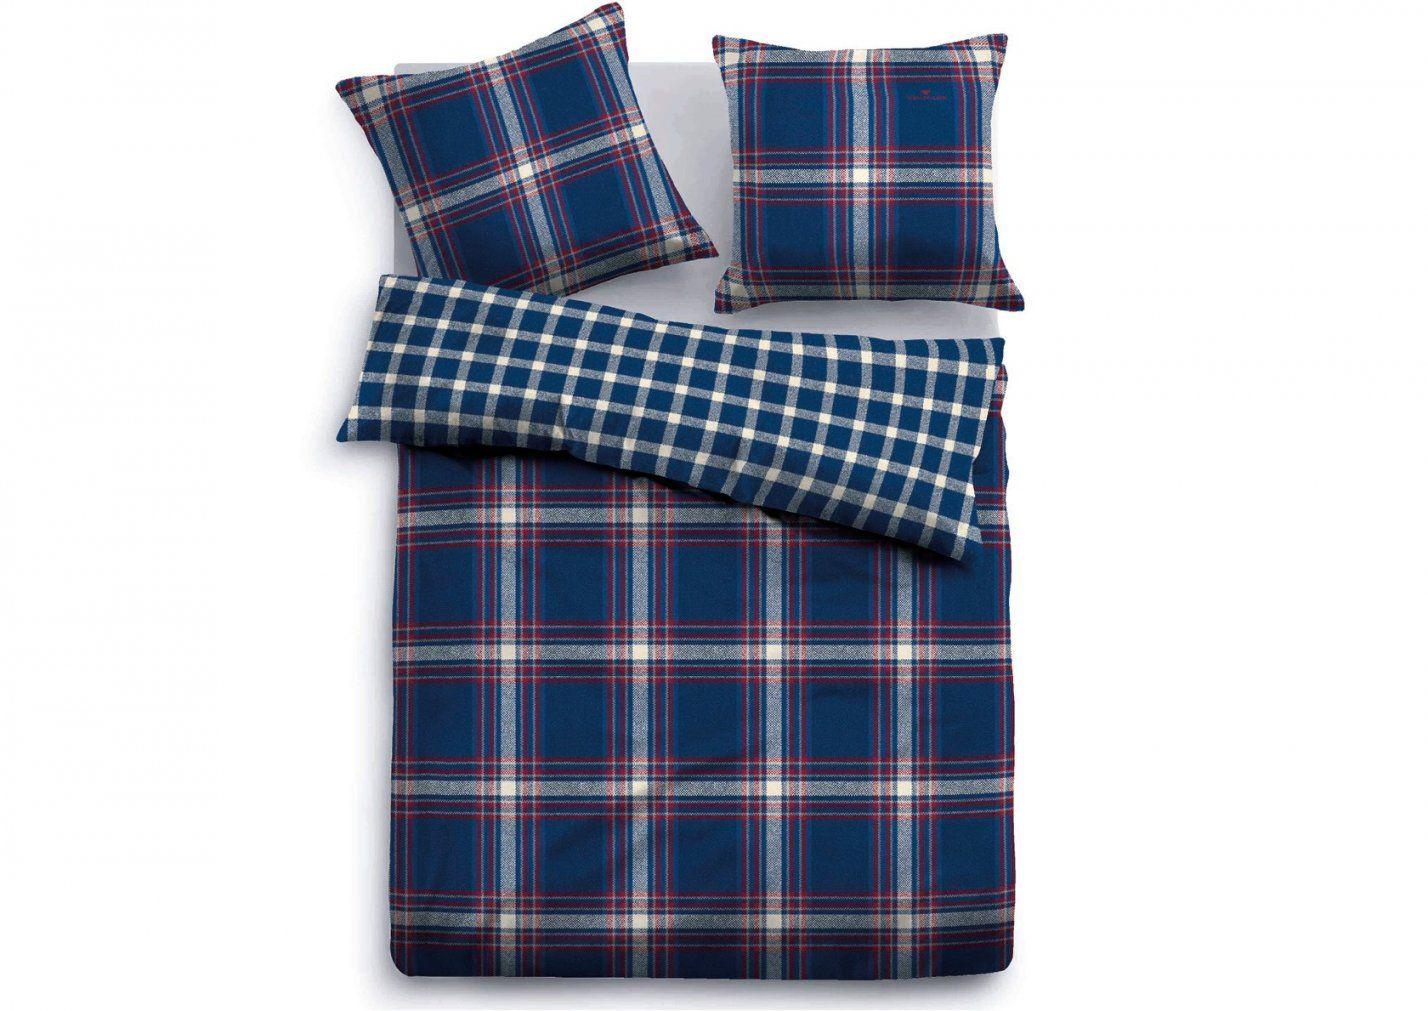 Zeitgenössisch Tom Tailor Bettwäsche Billig  Bettwäsche Ideen von Tom Tailor Bettwäsche Günstig Bild